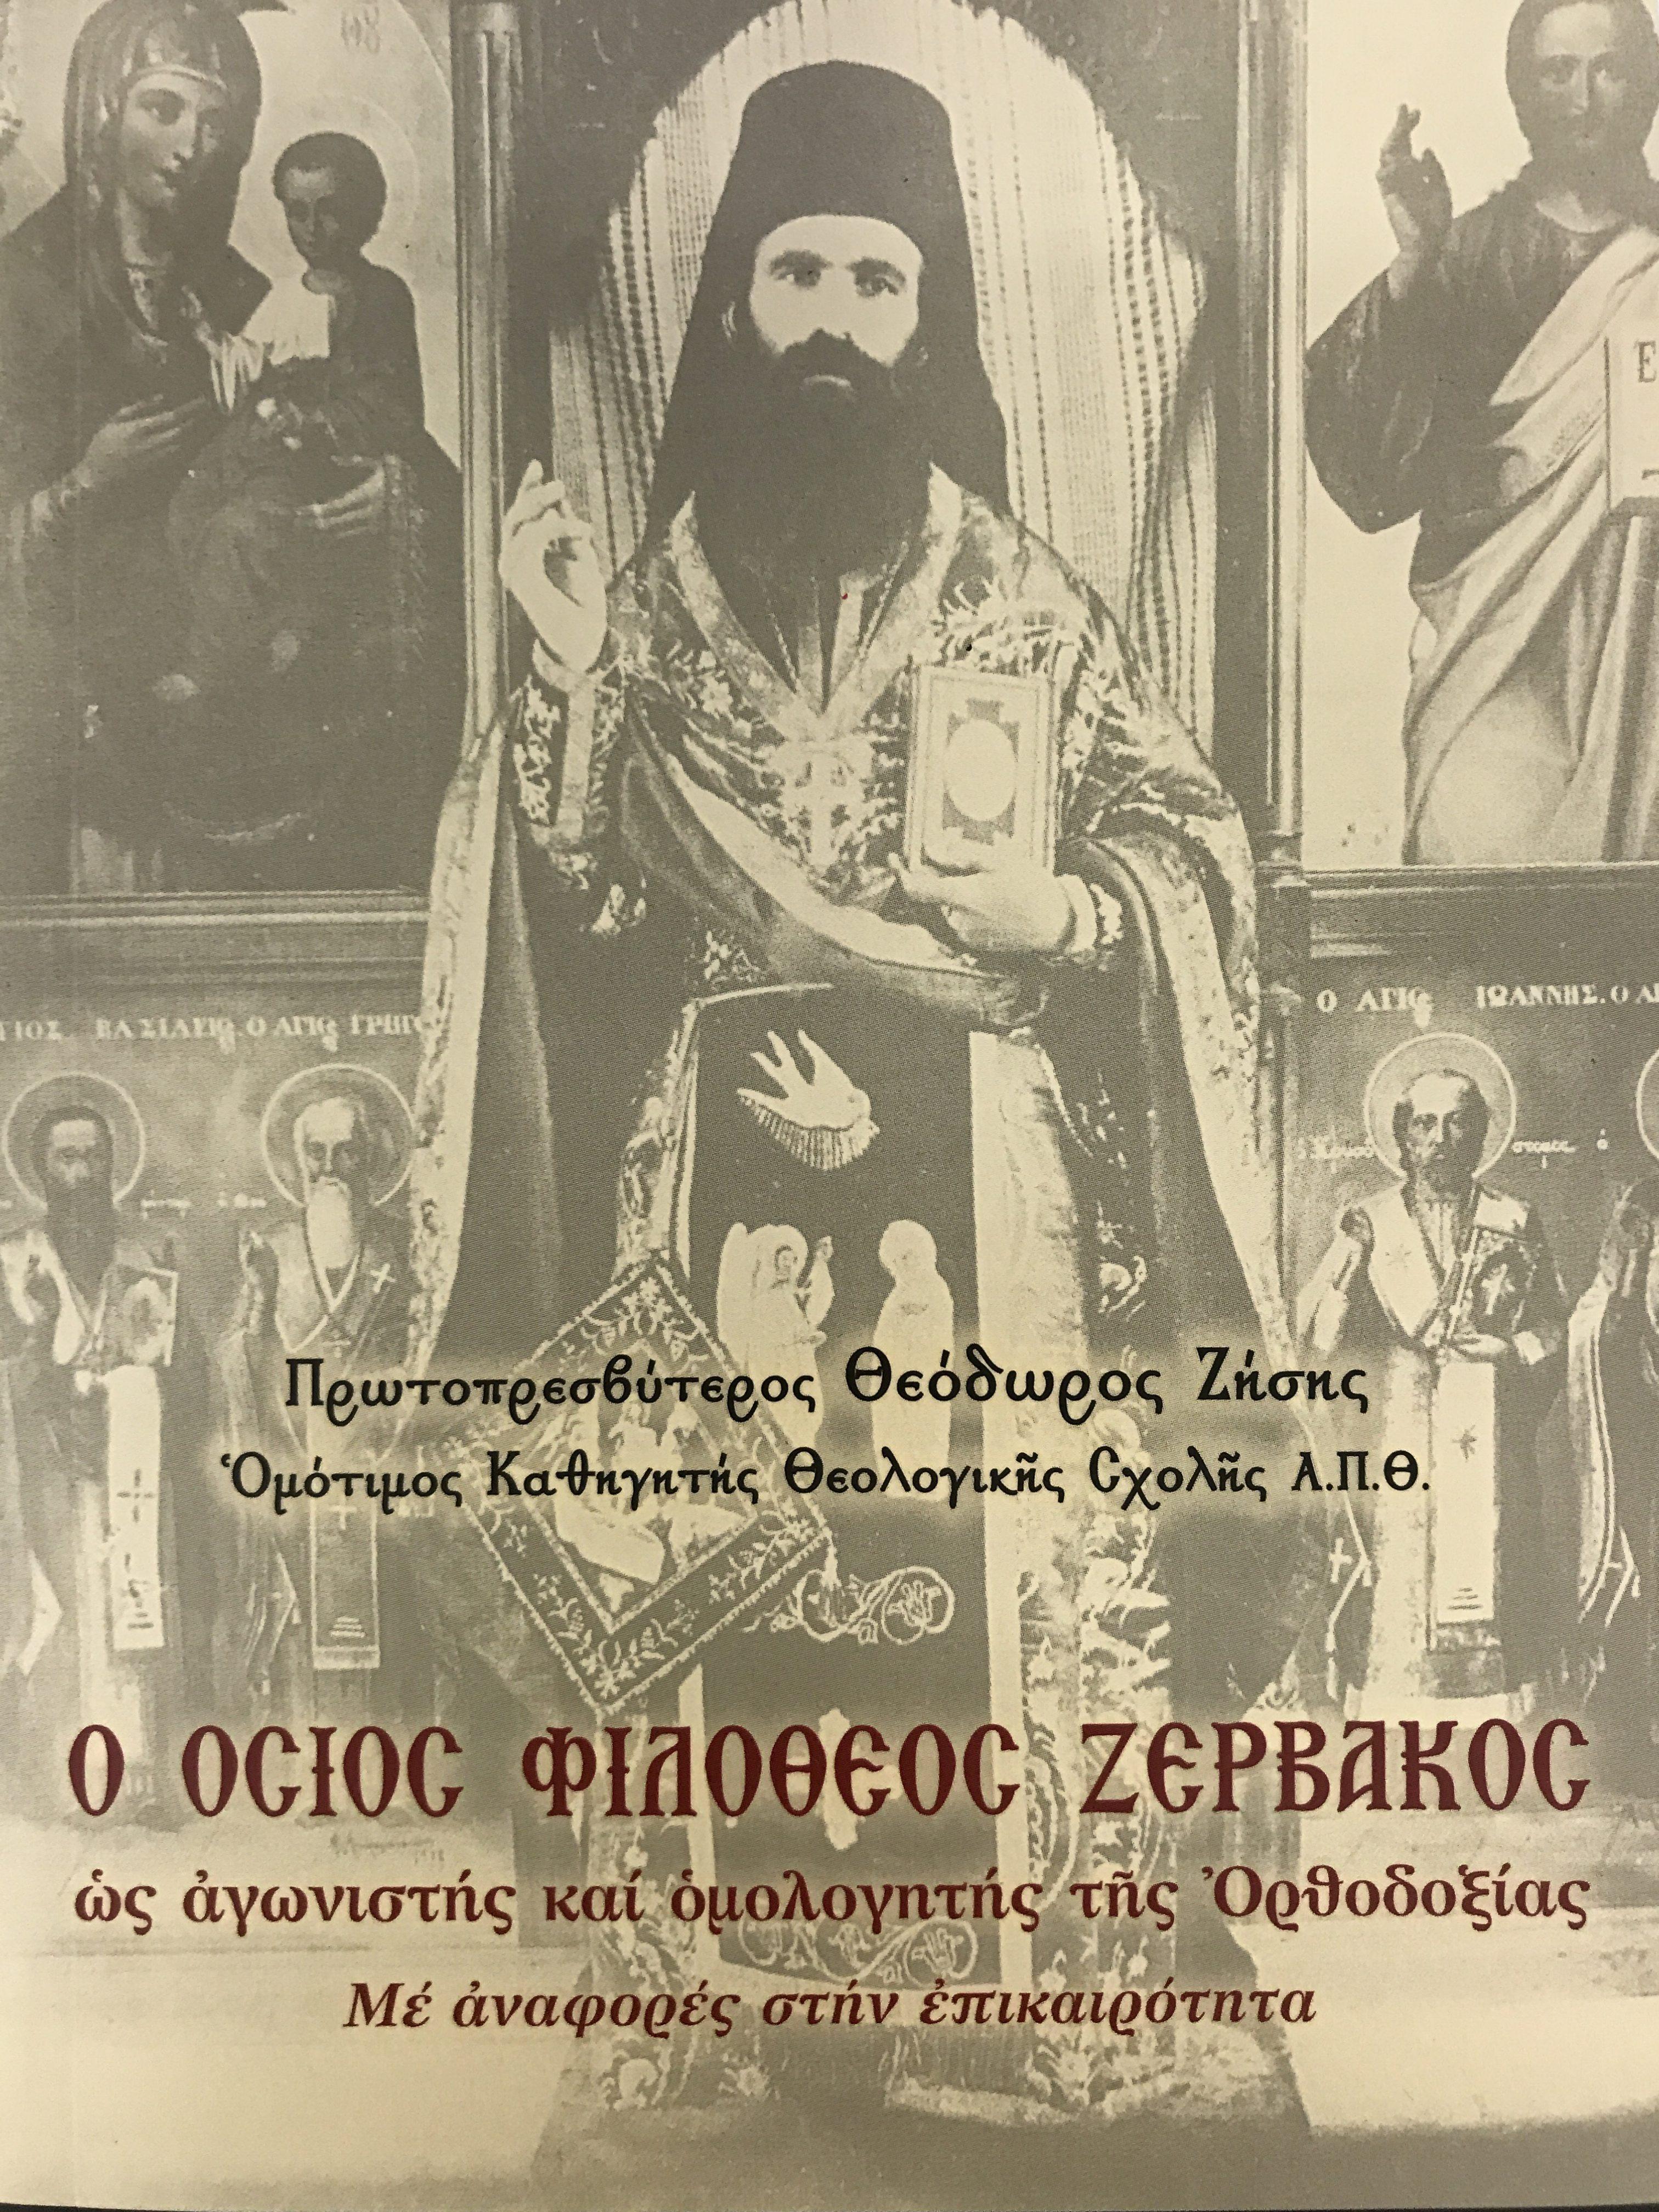 Ο Οσίος Φιλόθεος Ζερβάκος